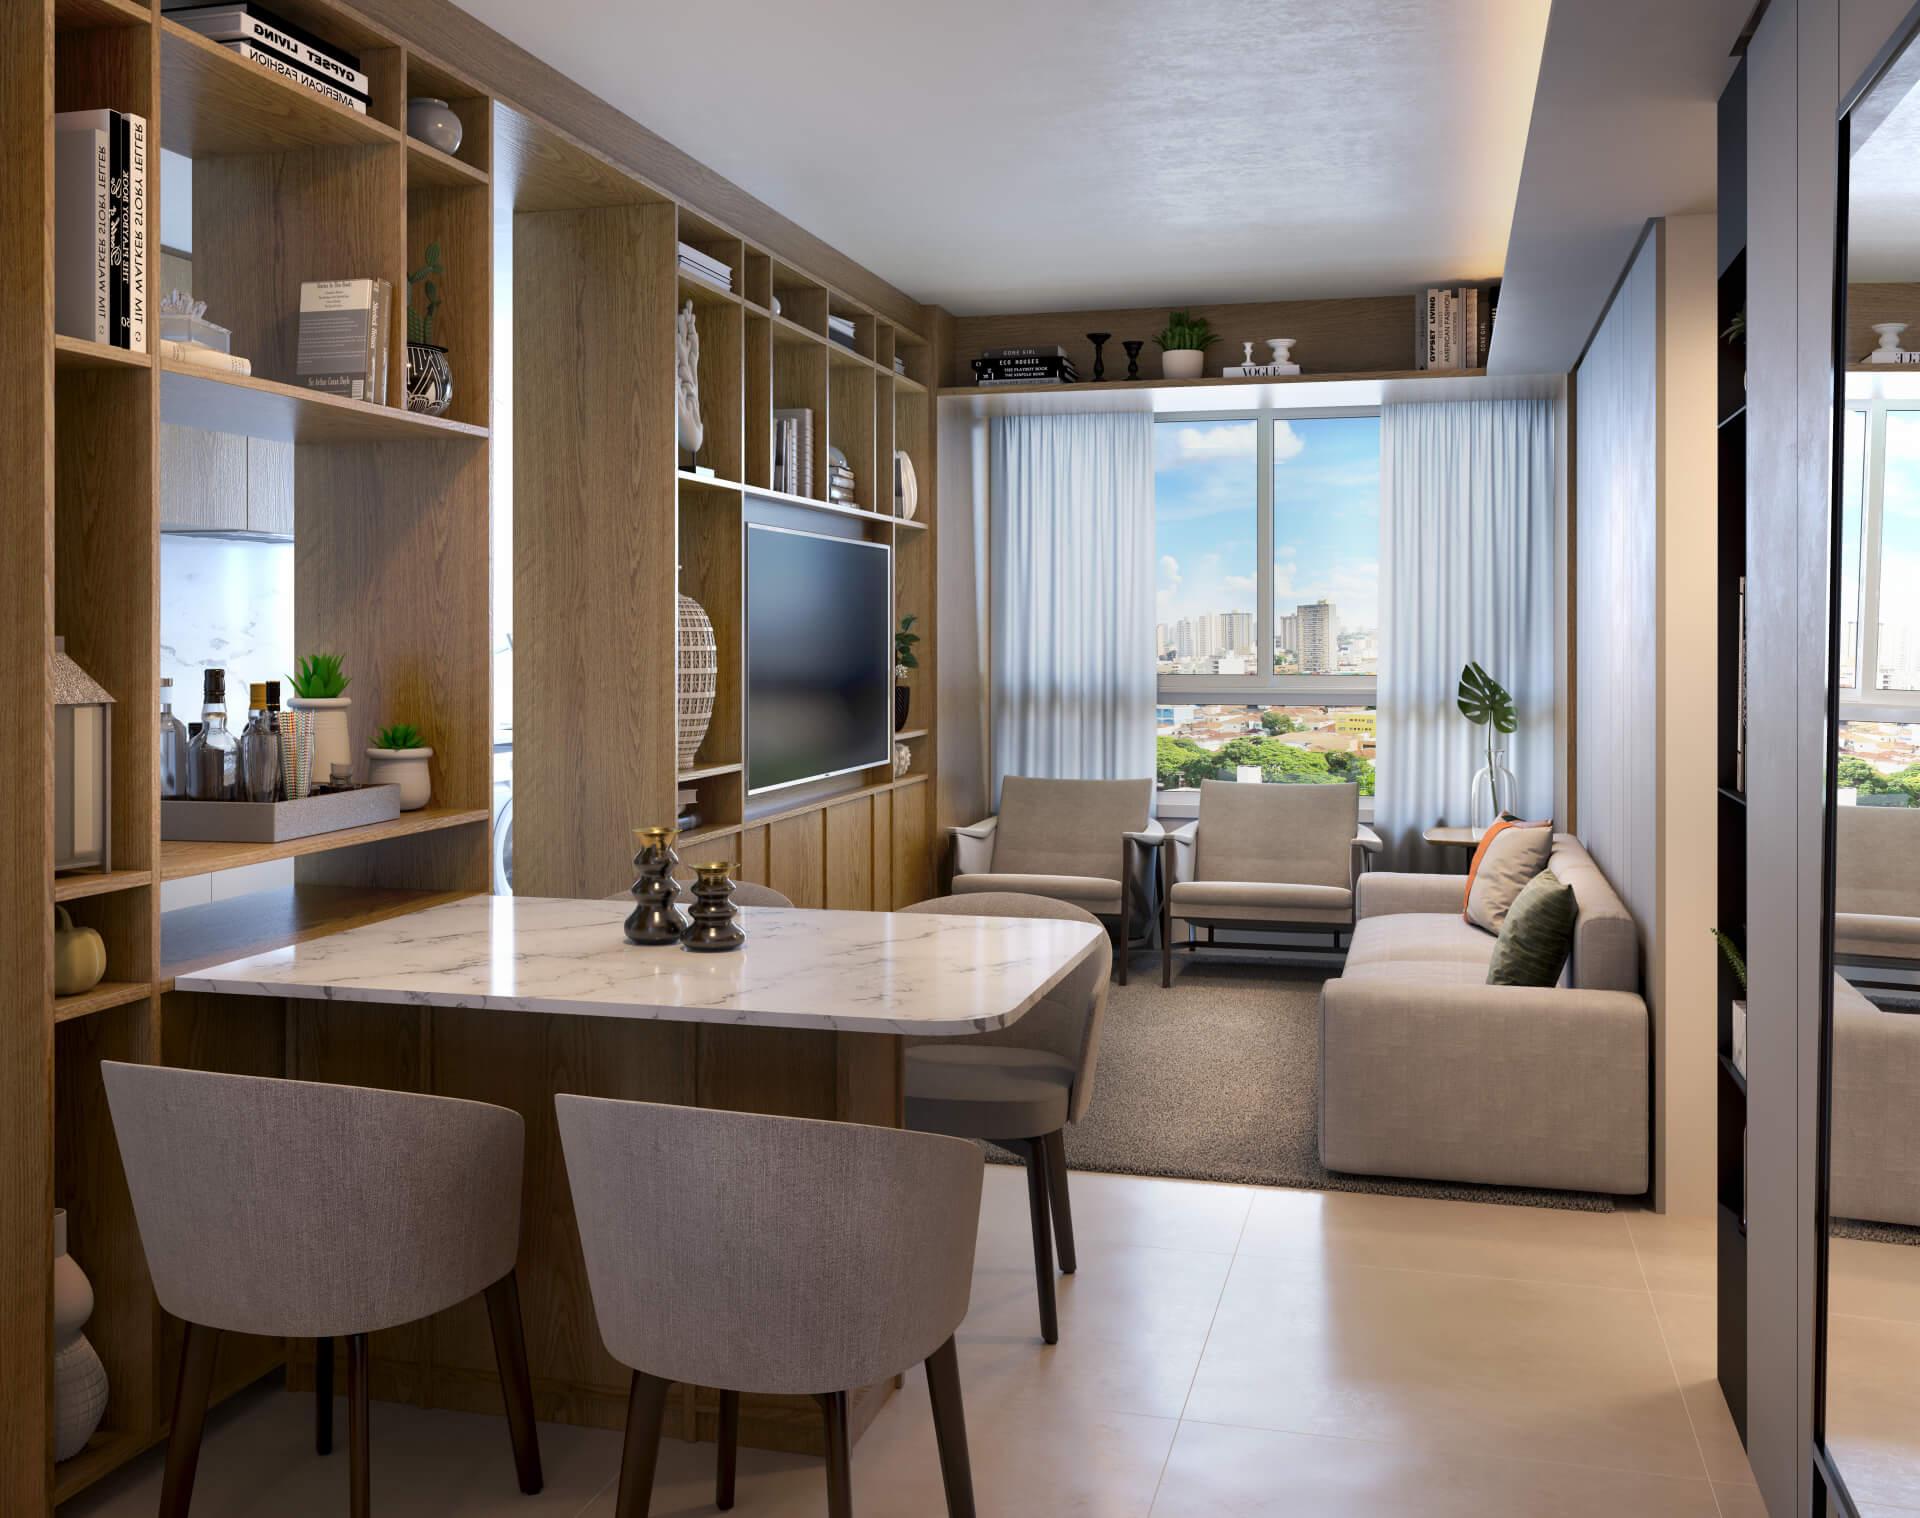 LIVING do apto de 2 suítes integrando os ambientes de estar e jantar. A confortável área social é servida por um lavabo, proporcionando privacidade aos ambientes íntimos.